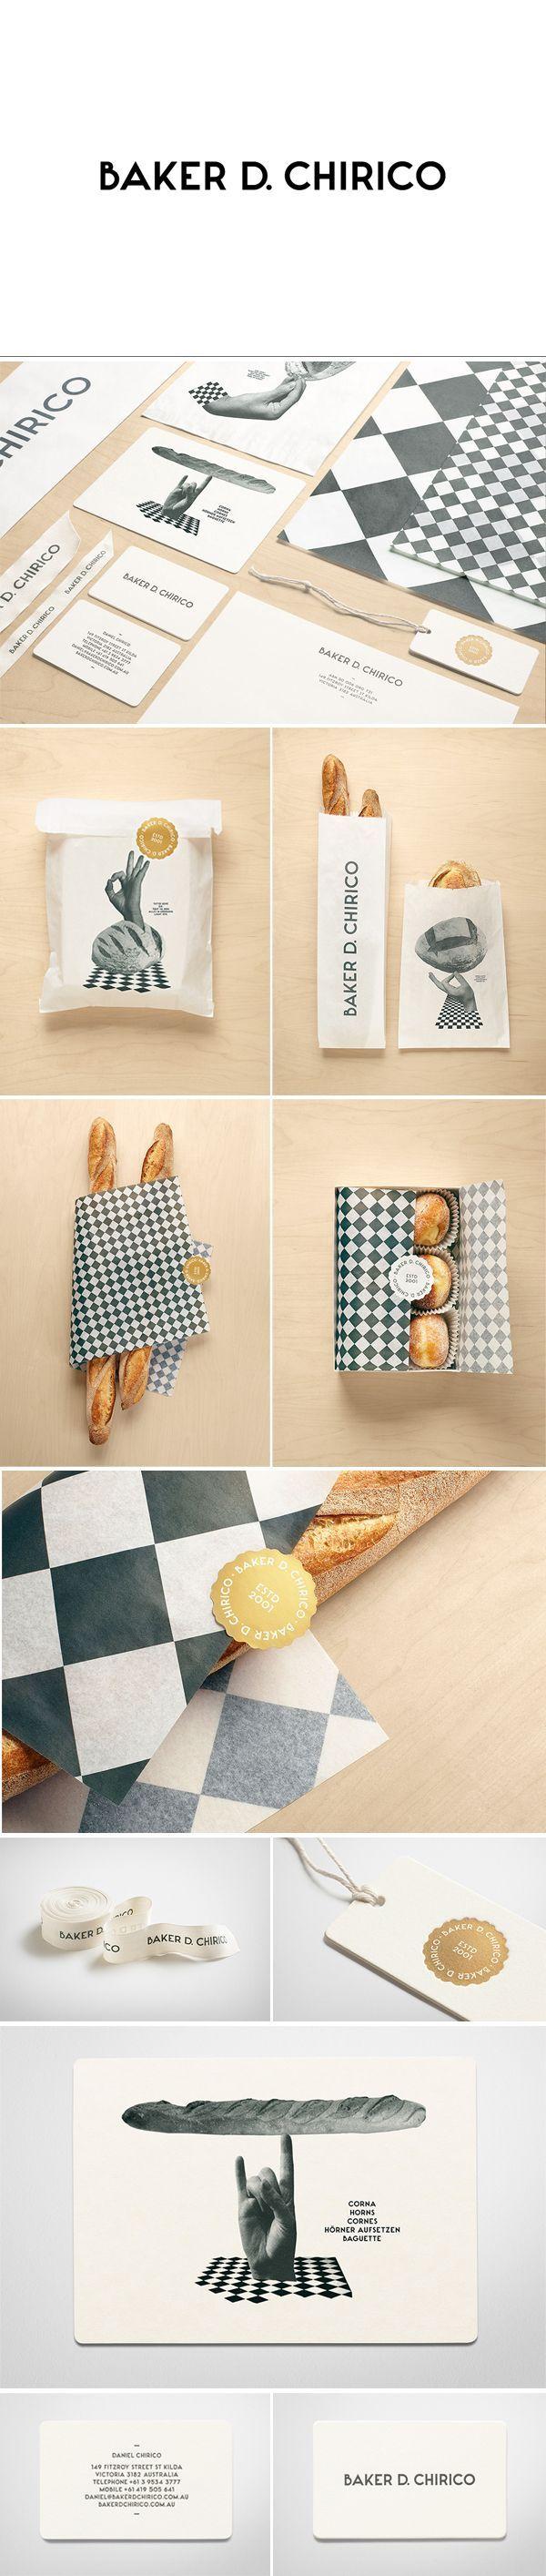 Ideas de diseño para bares y restaurantes   Mhou #identity #packaging